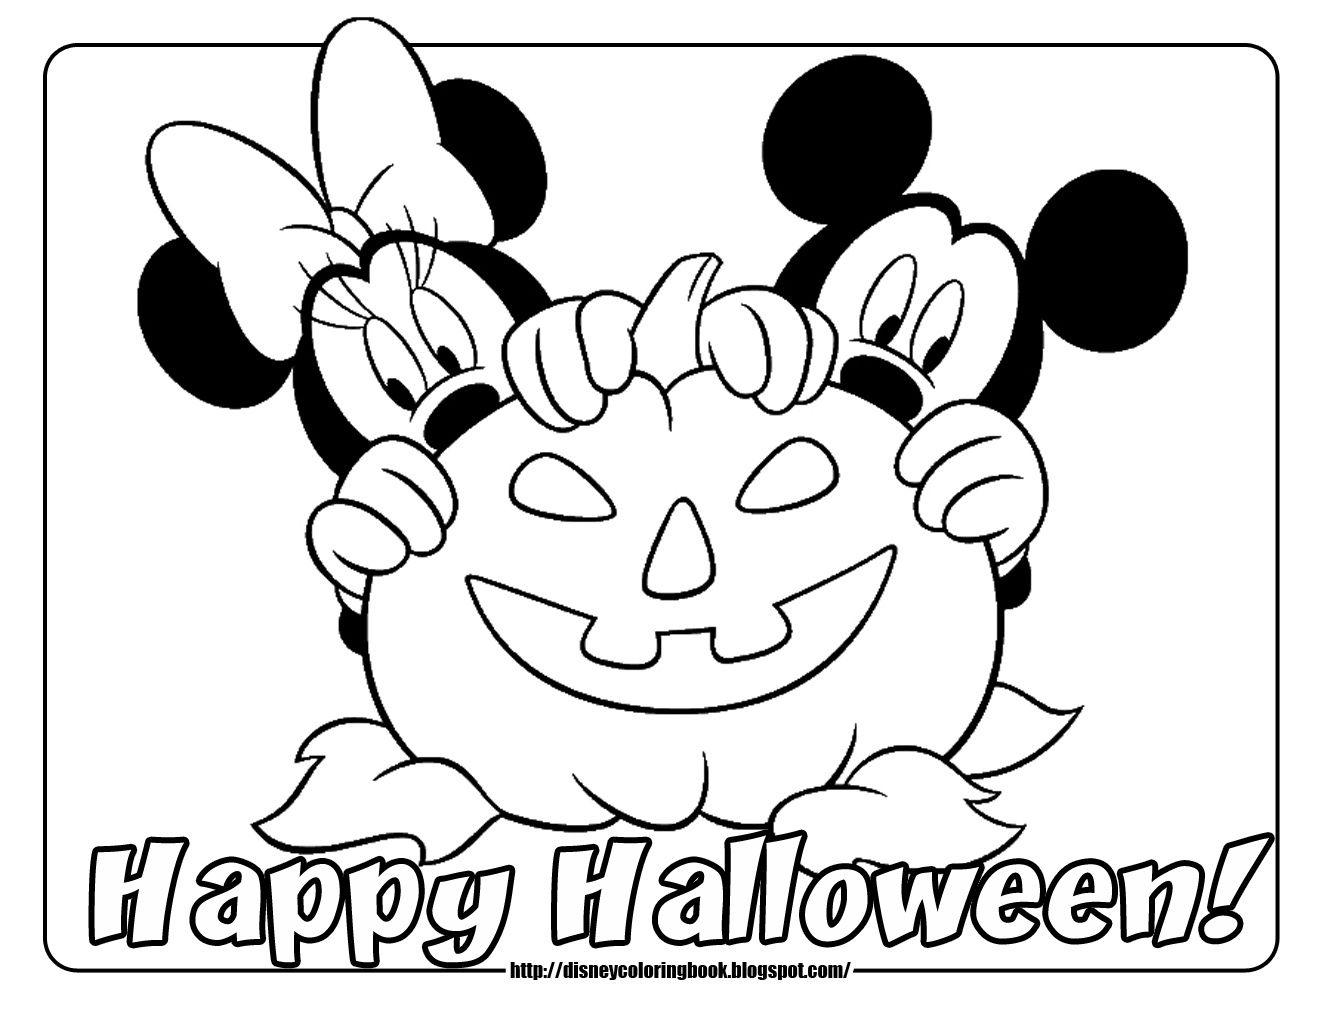 Halloween Coloring Pages Halloween Coloring Pages Mickey Mouse M Free Halloween Coloring Pages Mickey Mouse Coloring Pages Halloween Coloring Pages Printable